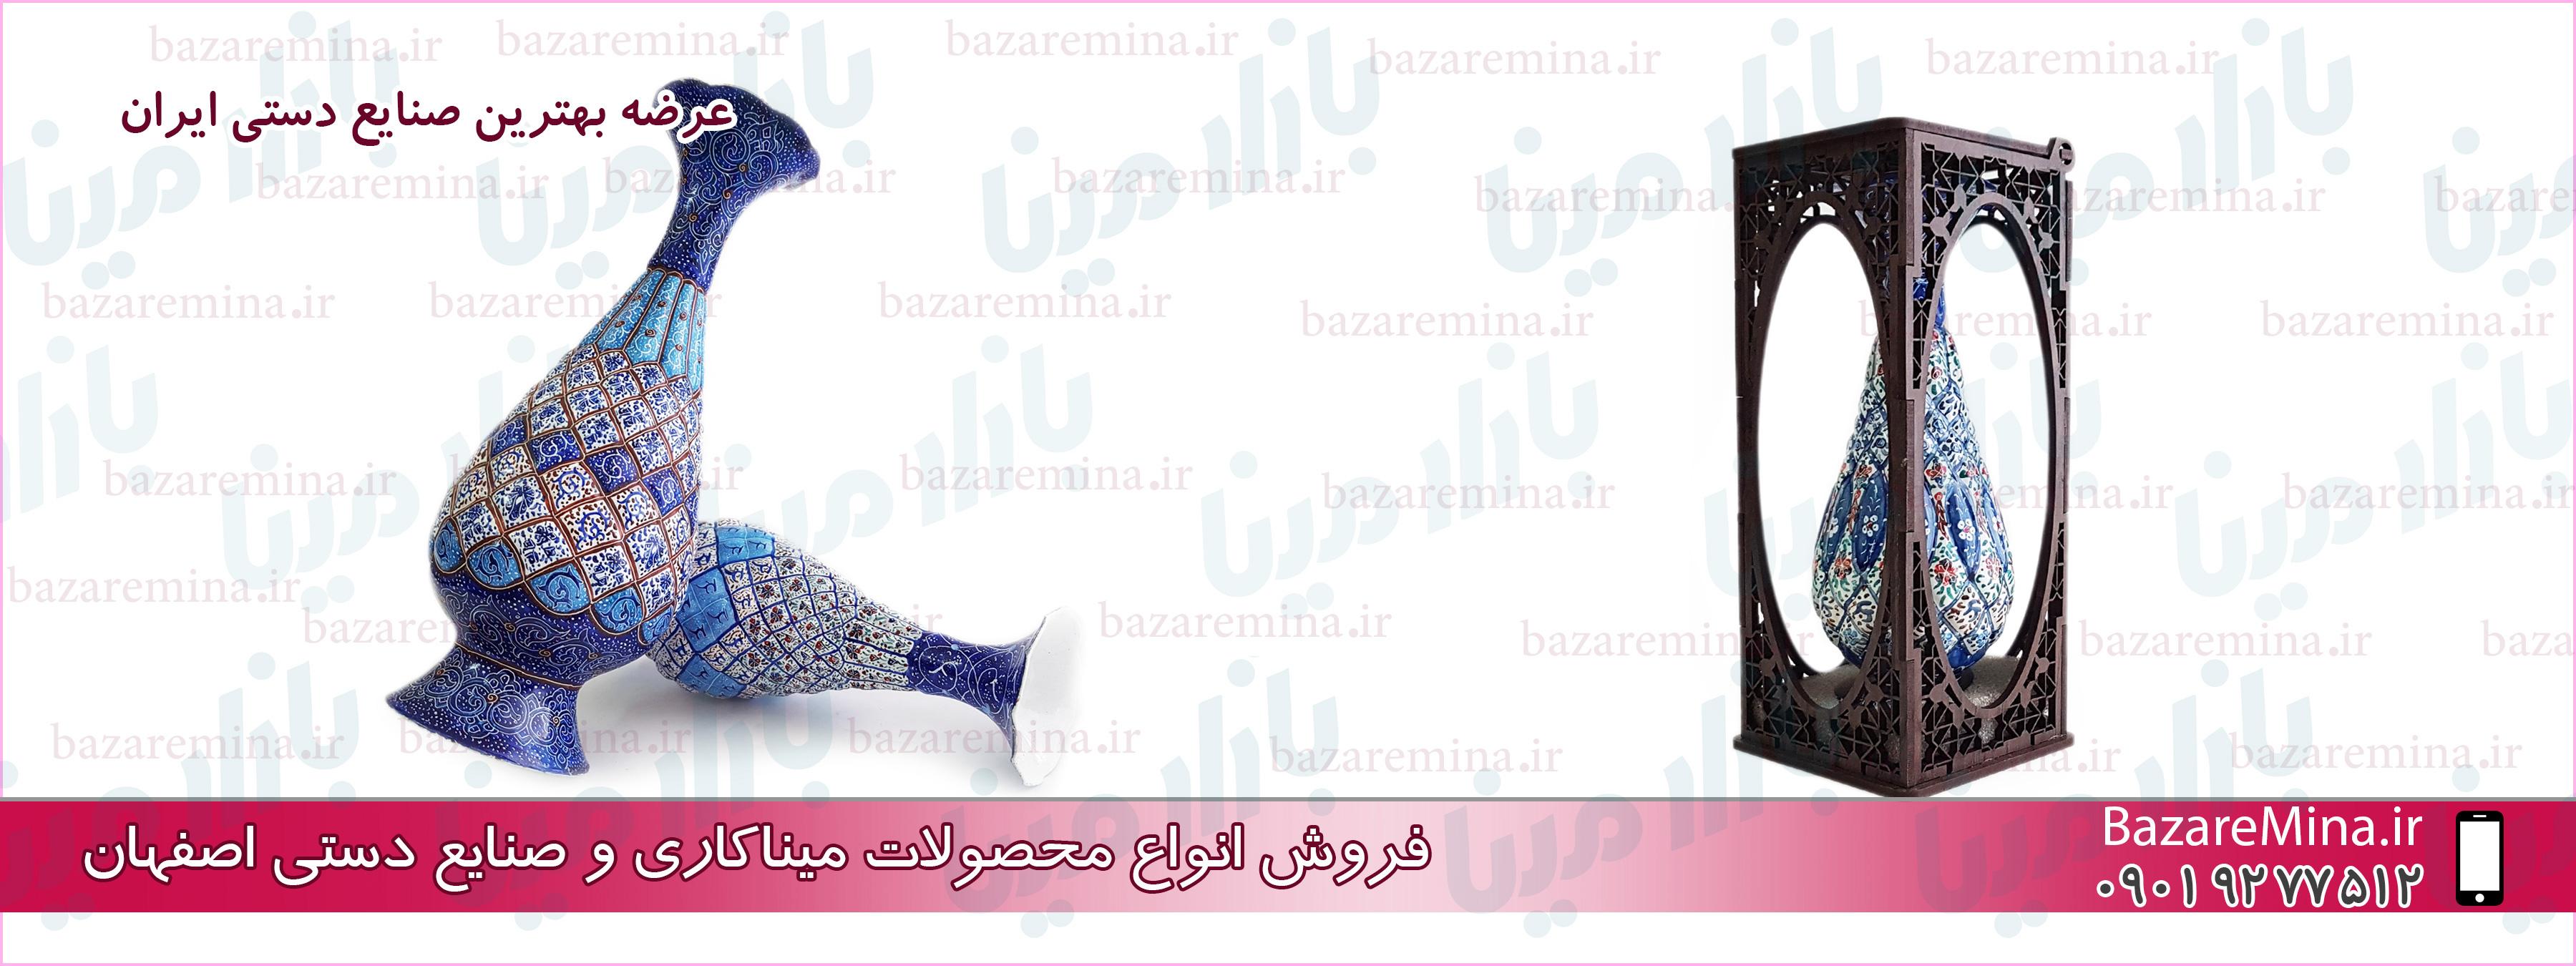 سایت میناکاری اصفهان